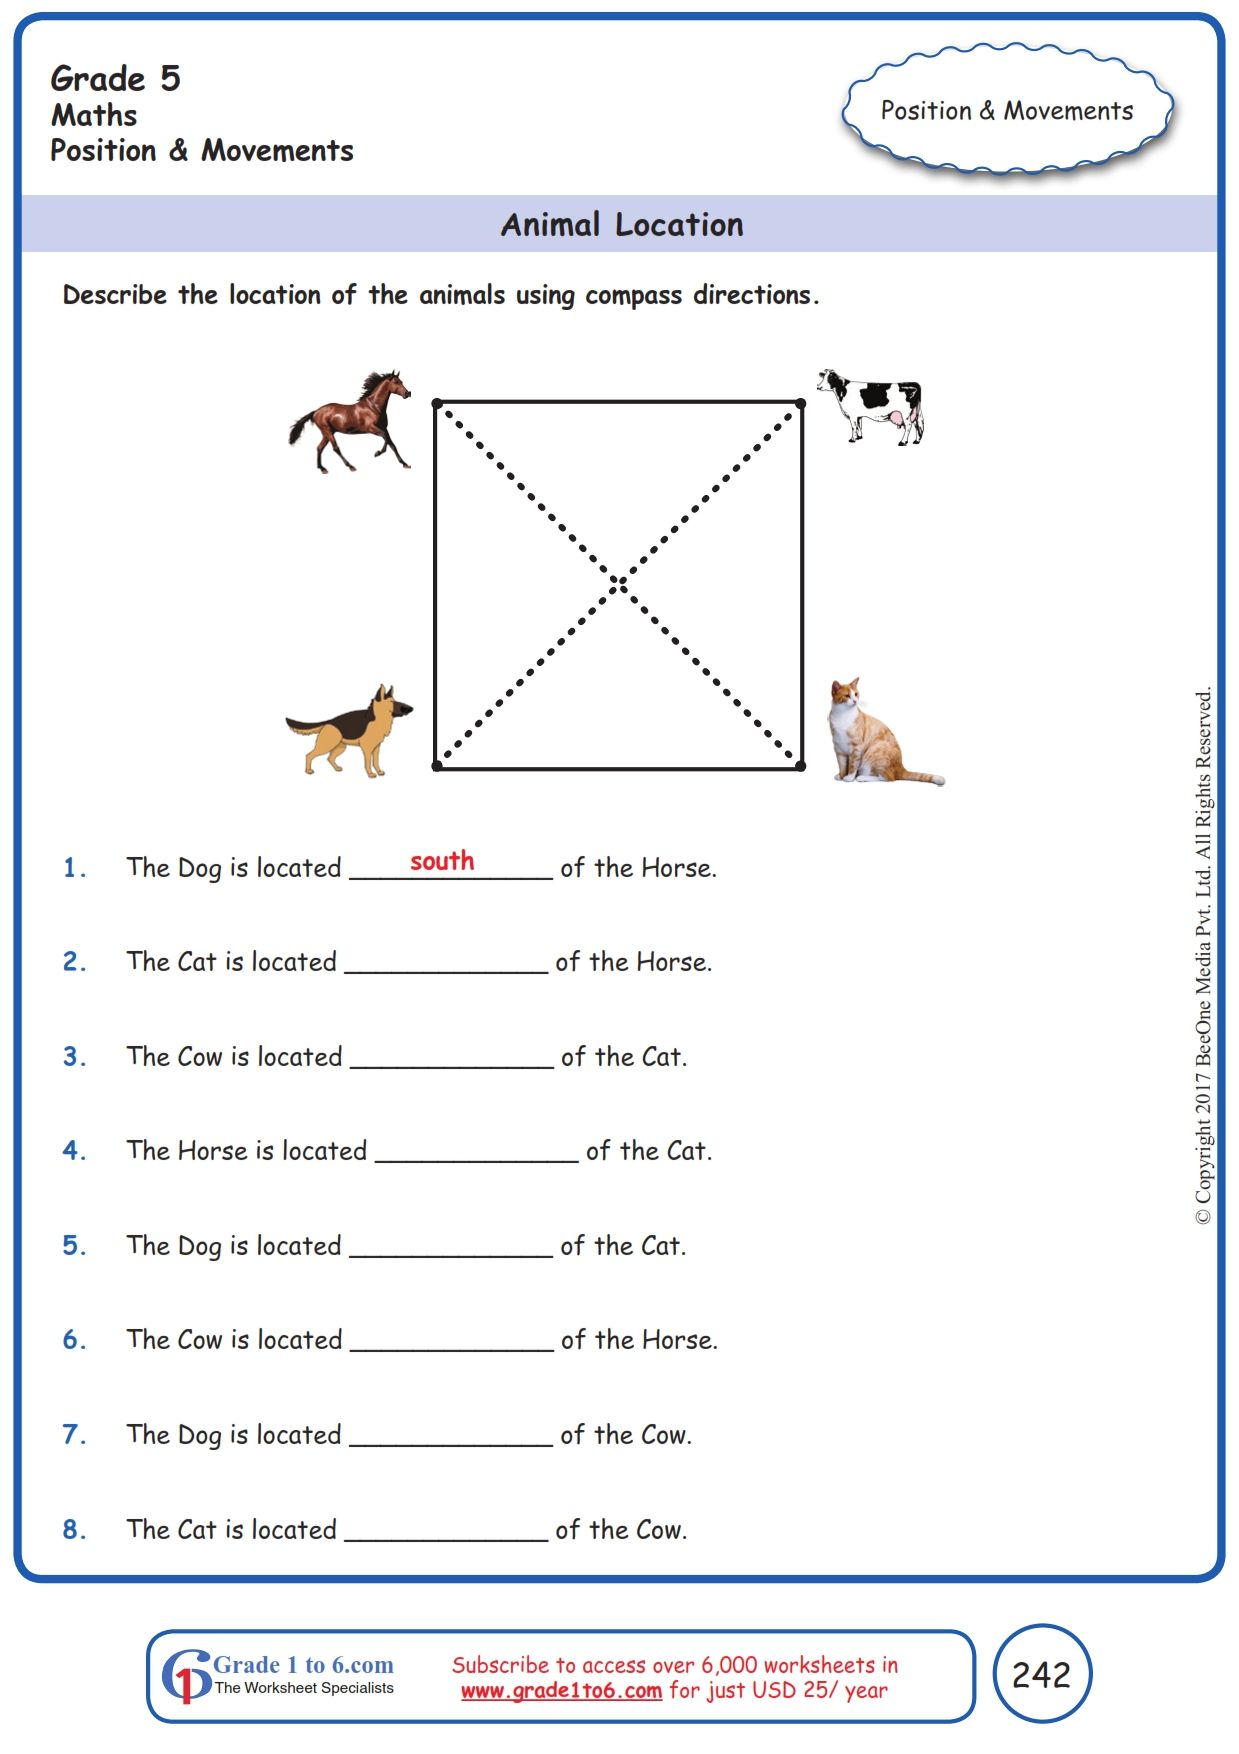 medium resolution of Worksheet Grade 5 Math Animal Location   Grade 5 math worksheets